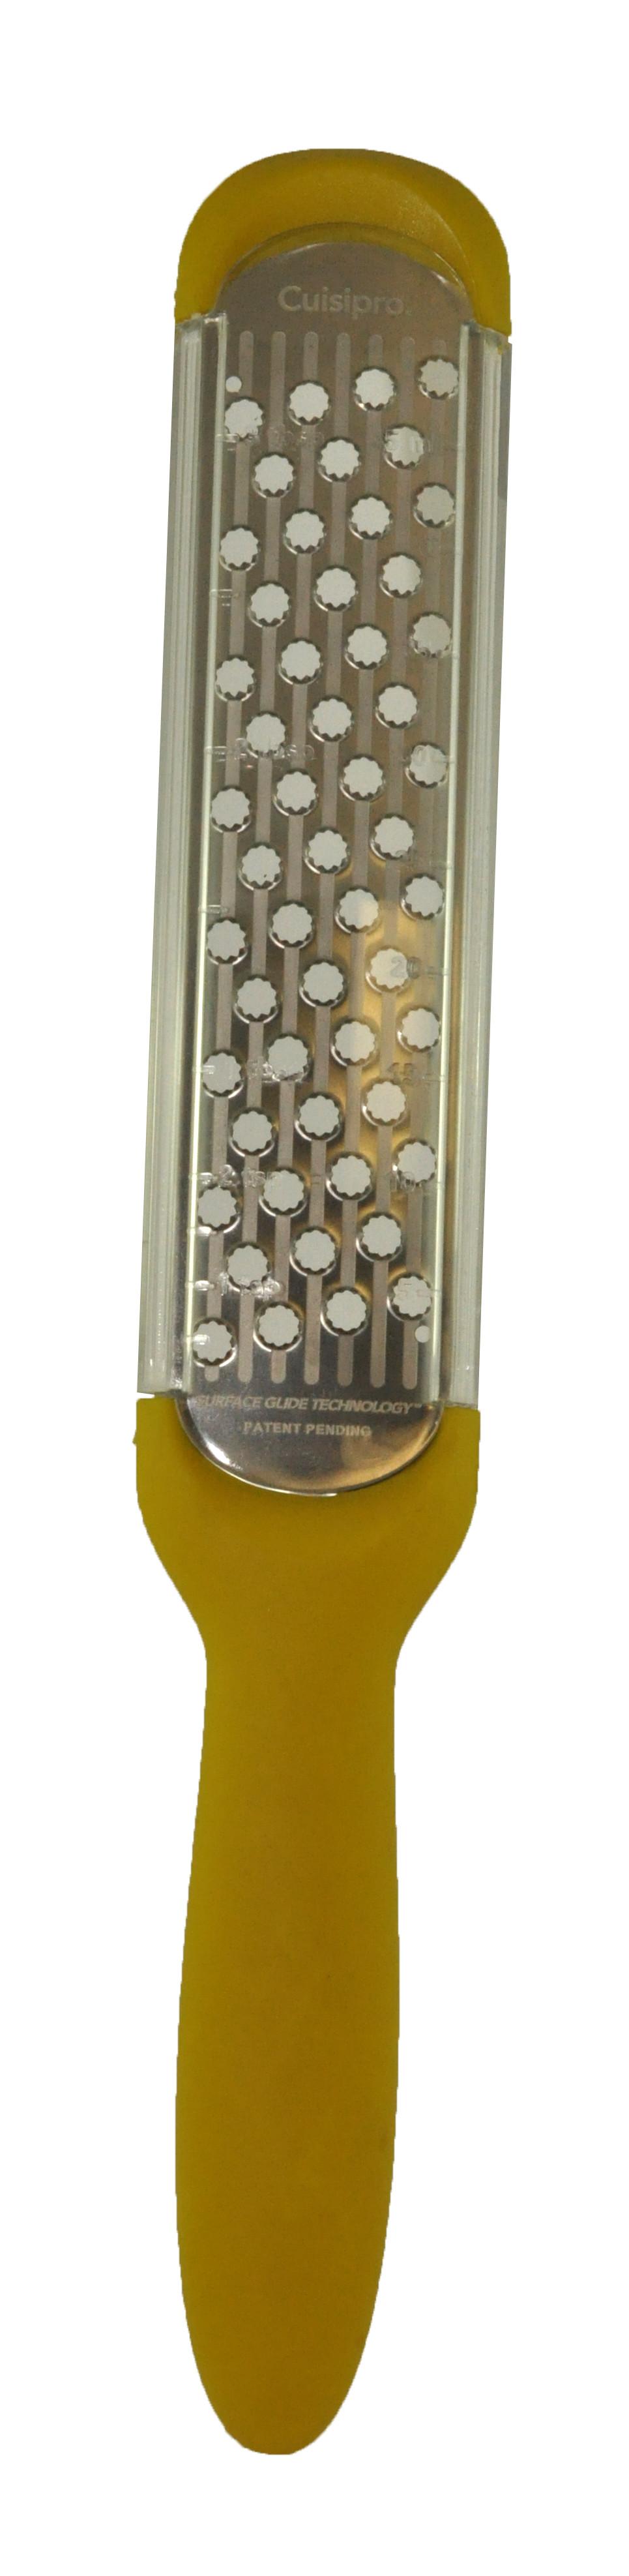 Râpe colorée SGT parmesan - jaune